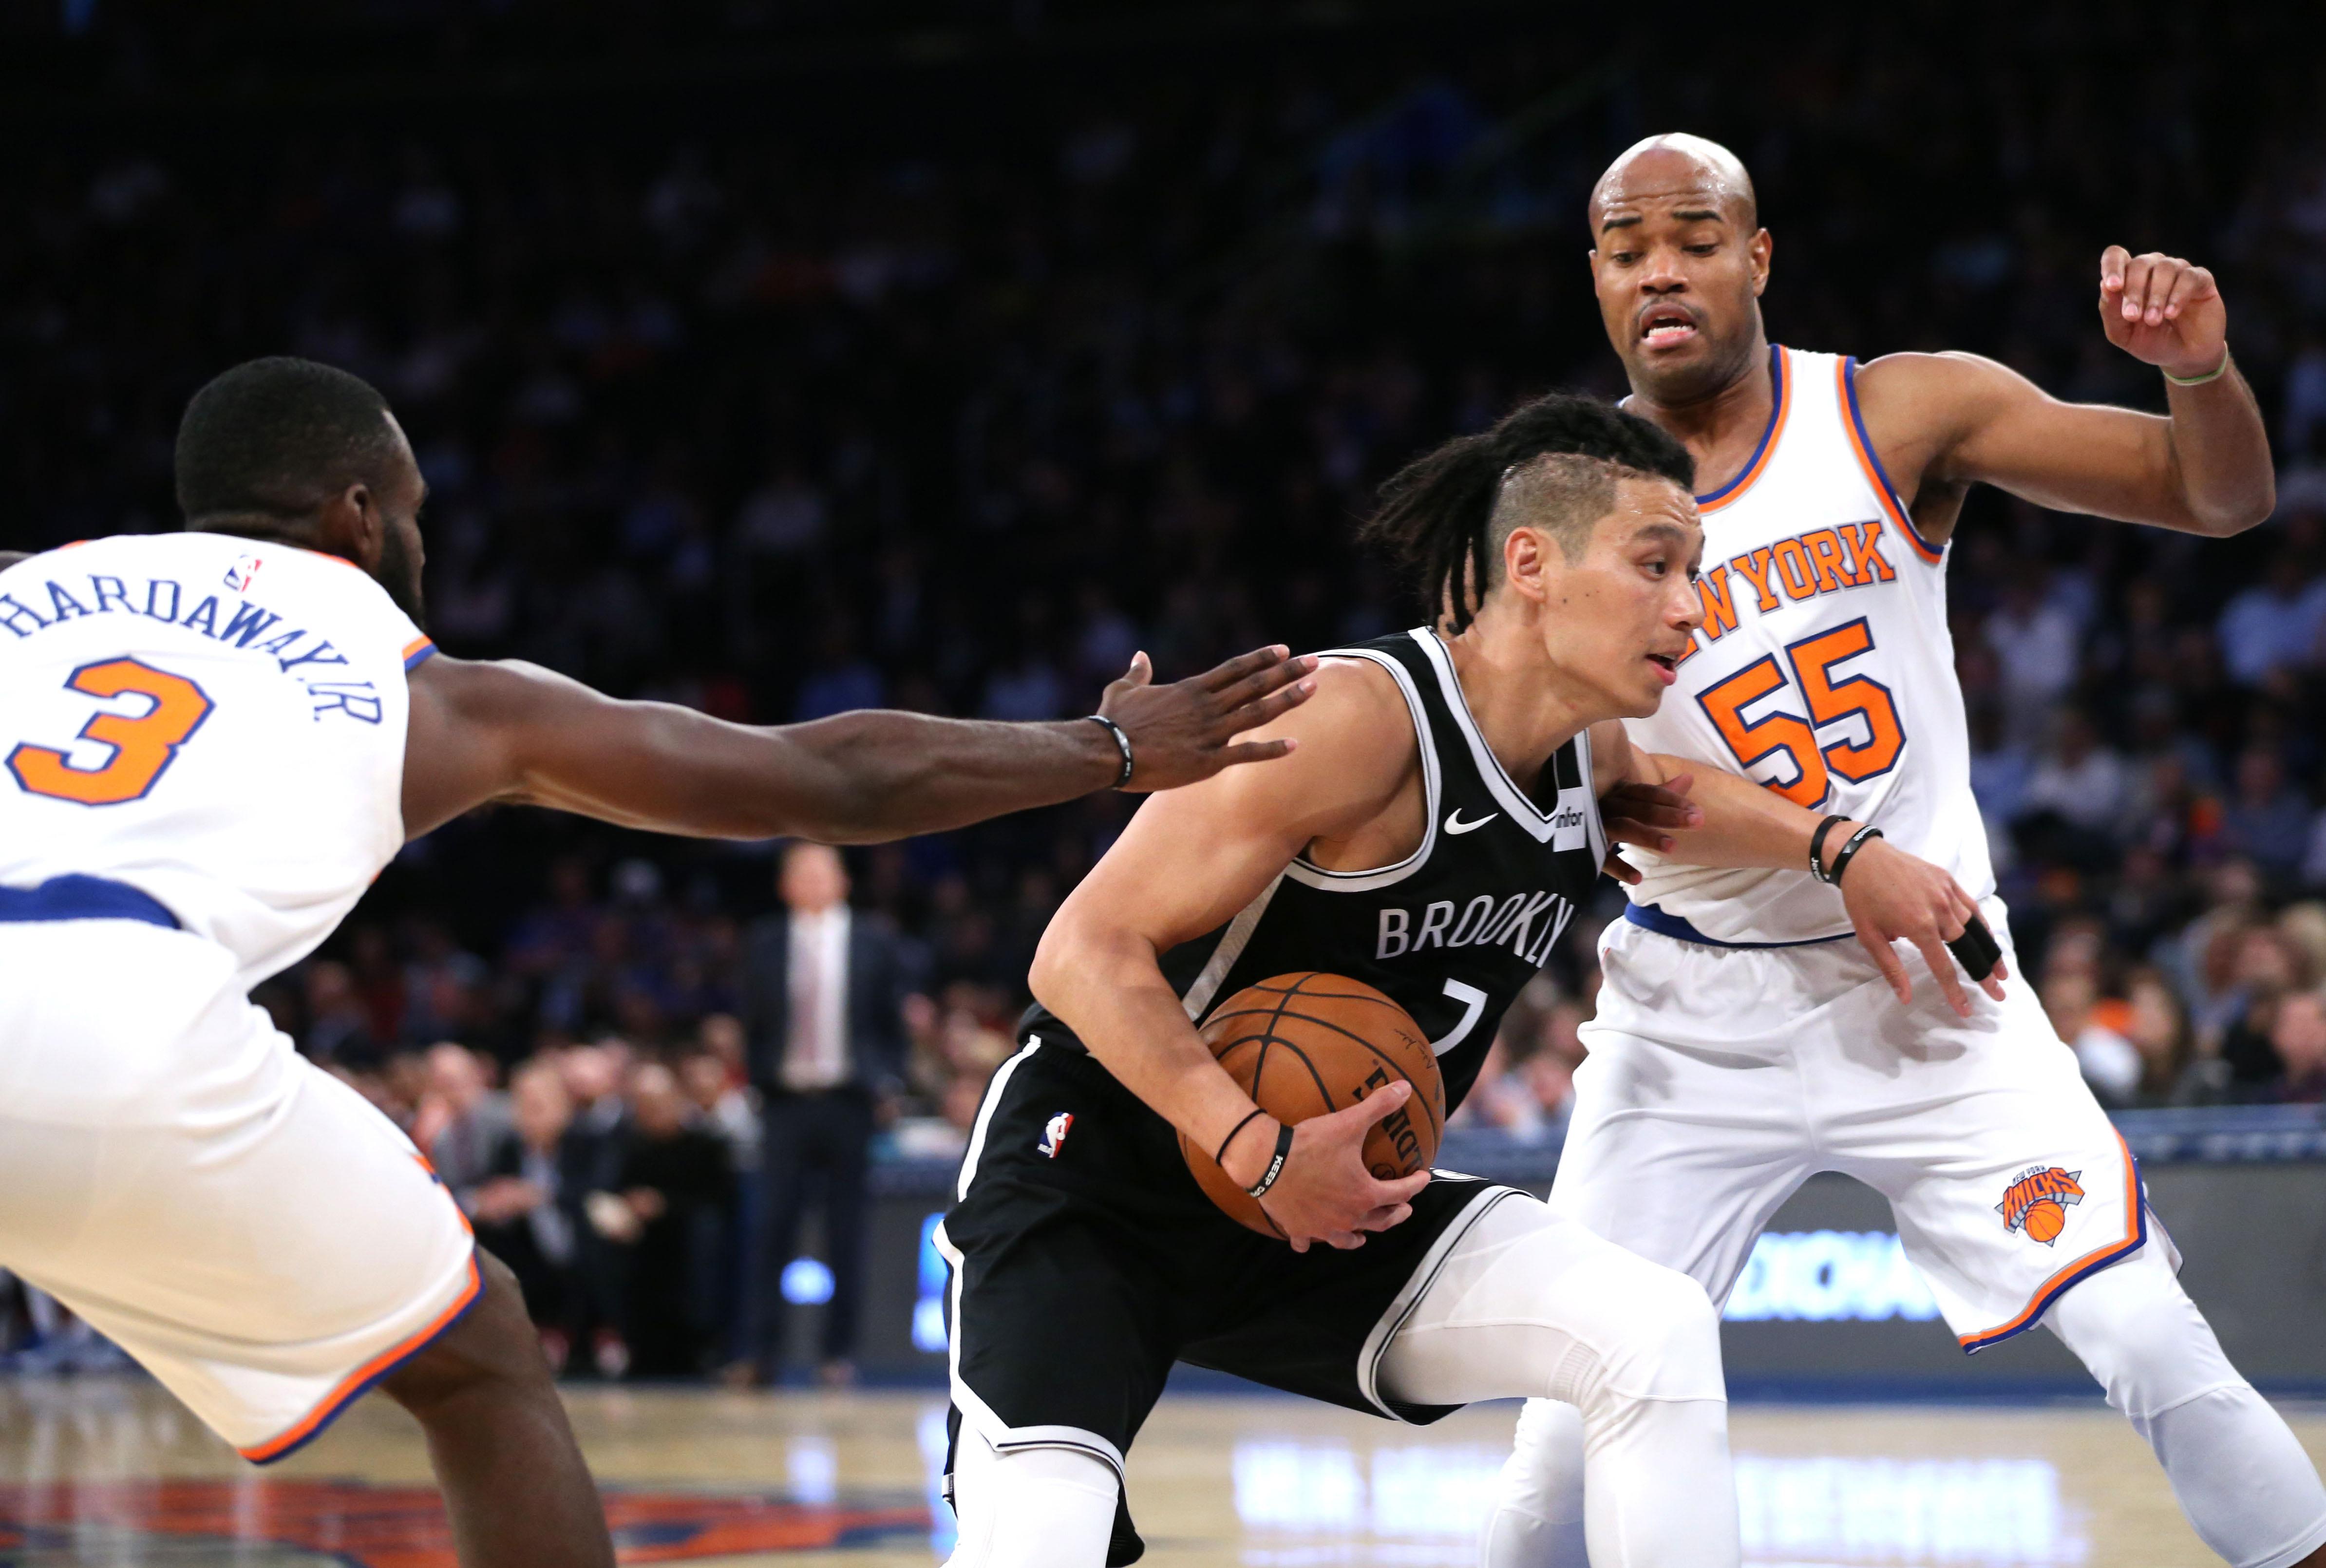 林書豪頂著雷鬼辮髮型,日前於季前賽對戰紐約尼克隊。(取自USA TODAY Sports)